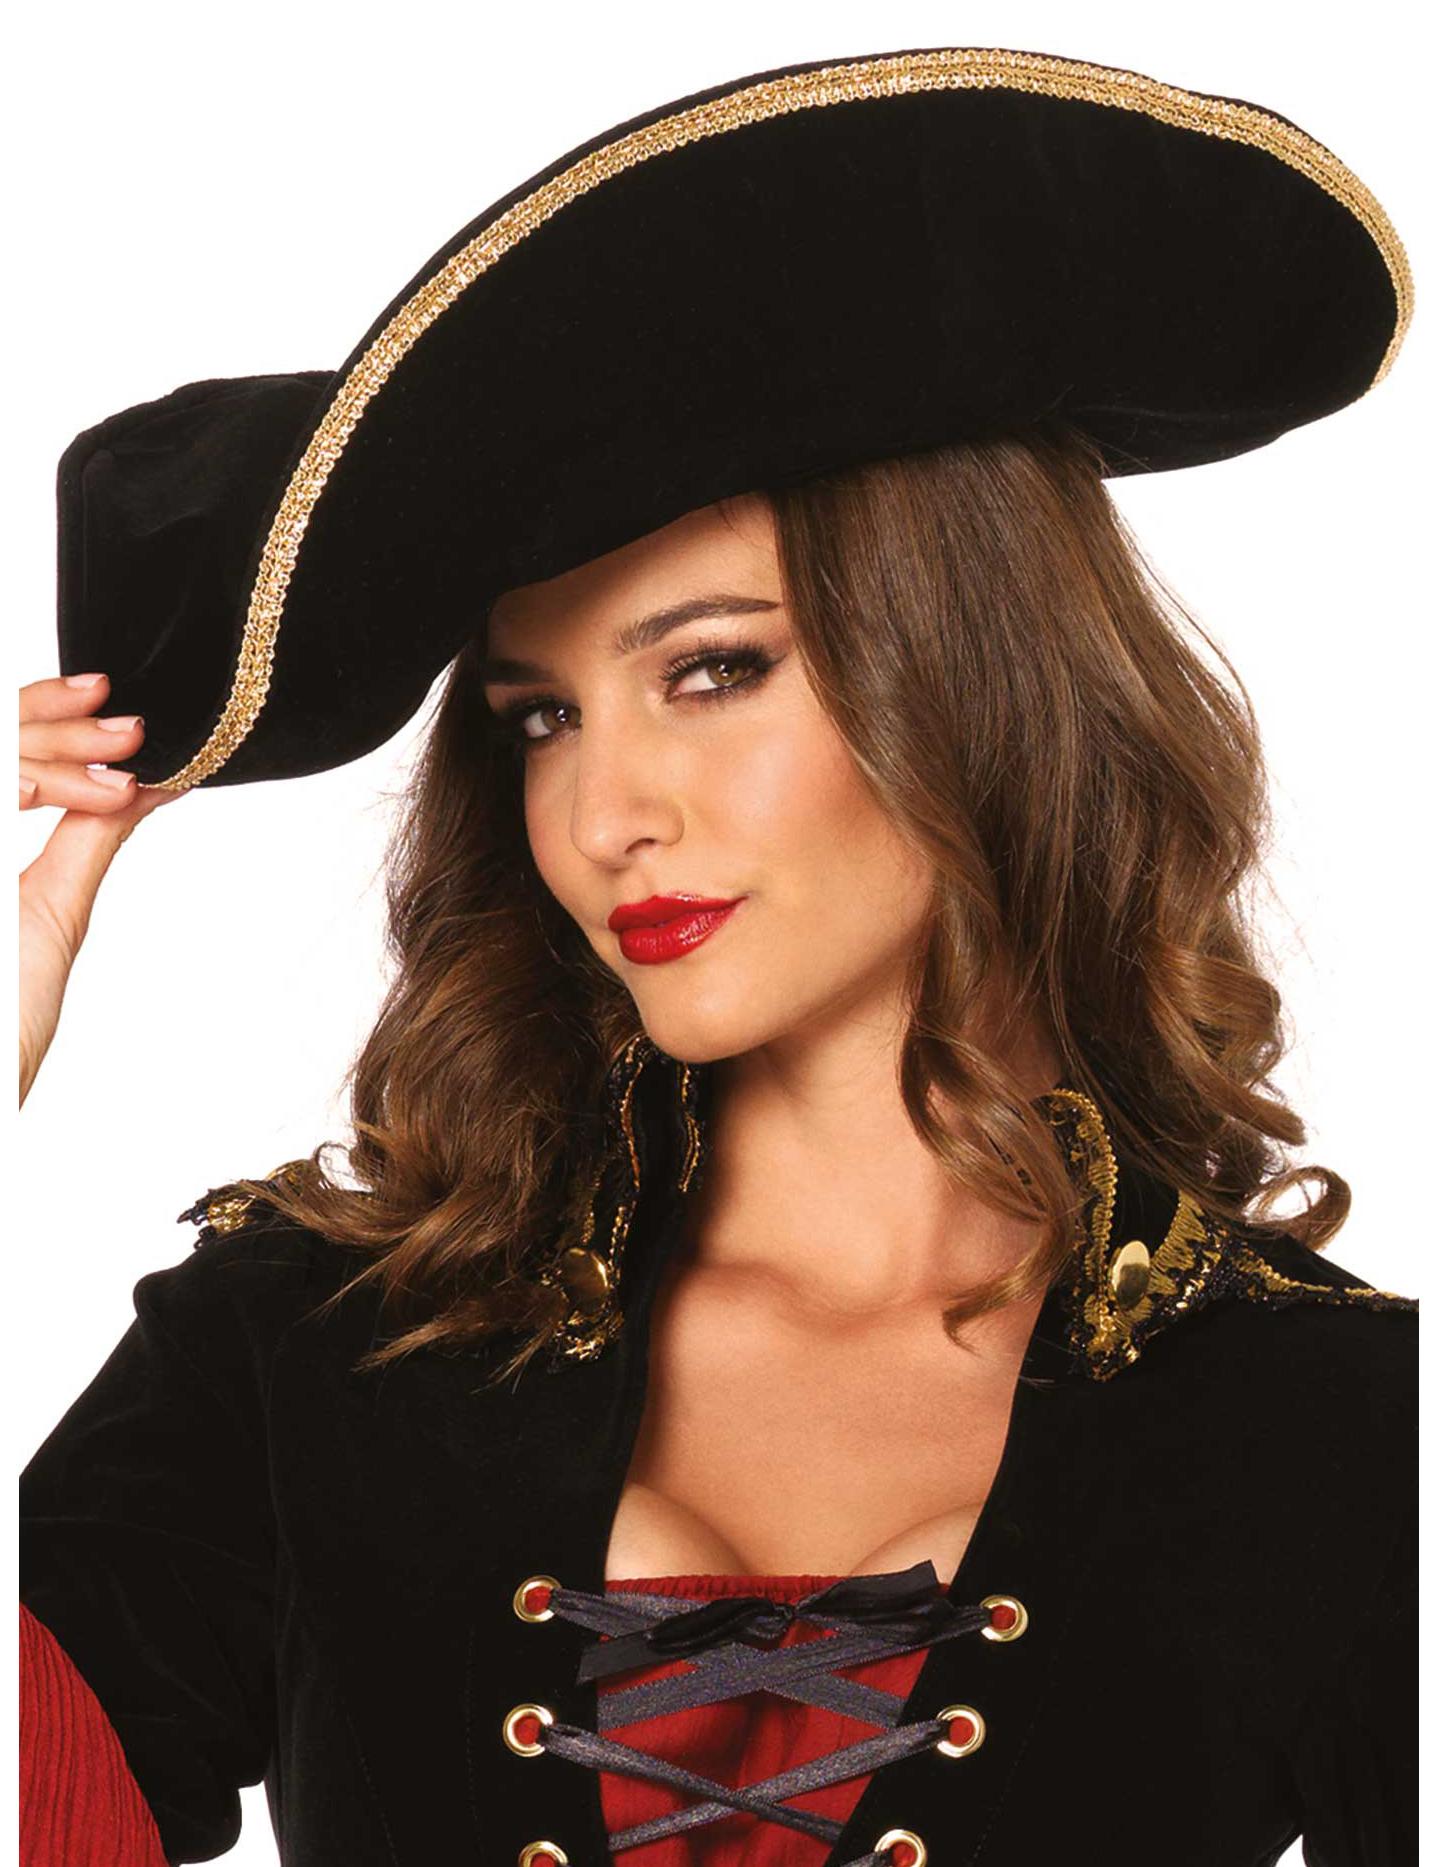 f992106c6d9f3 Chapeau pirate luxe adulte